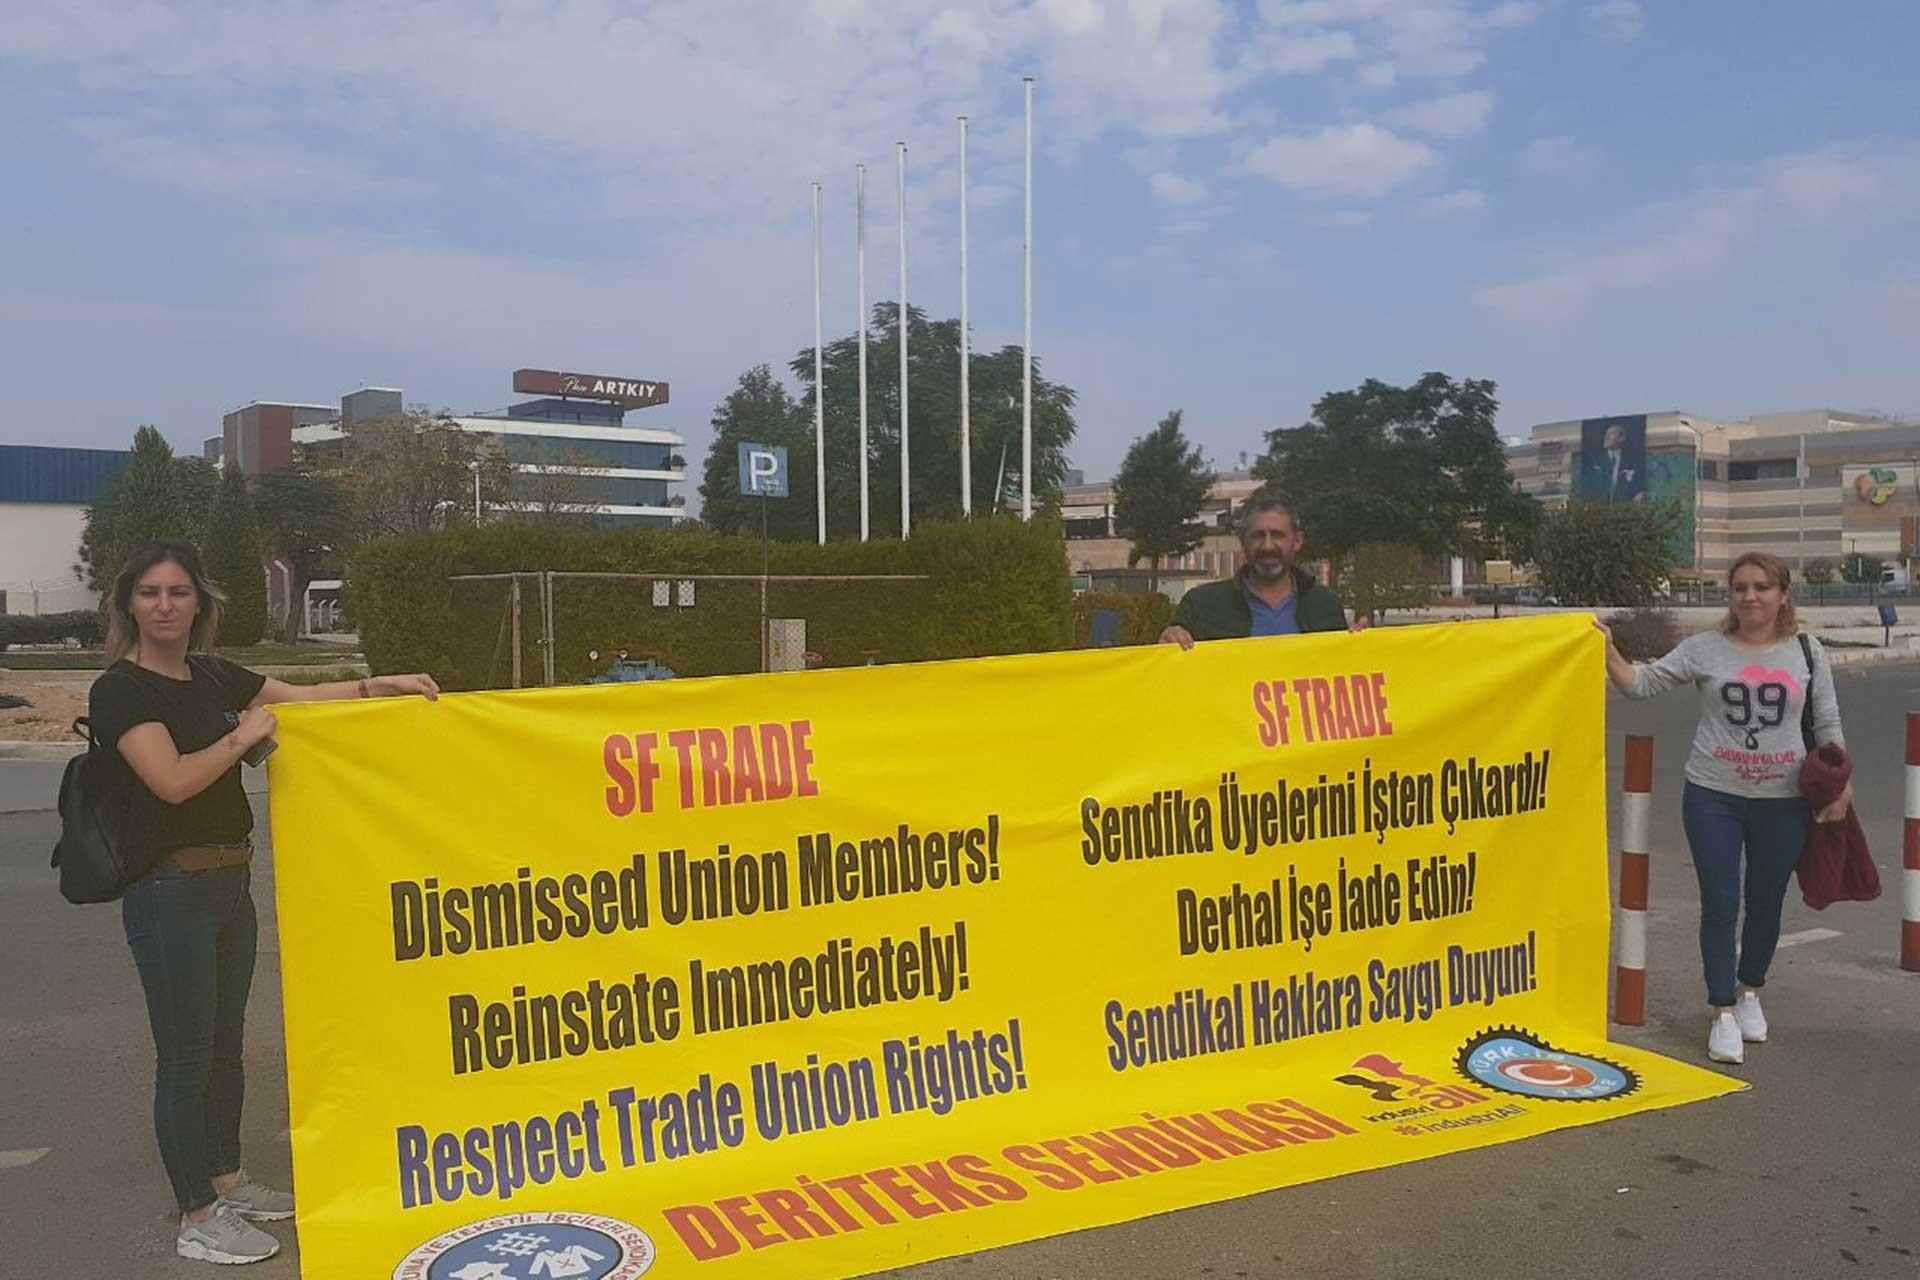 Sendikalaştıkları için işten çıkarılan işçiler Gaziemir'de direnişe başladı